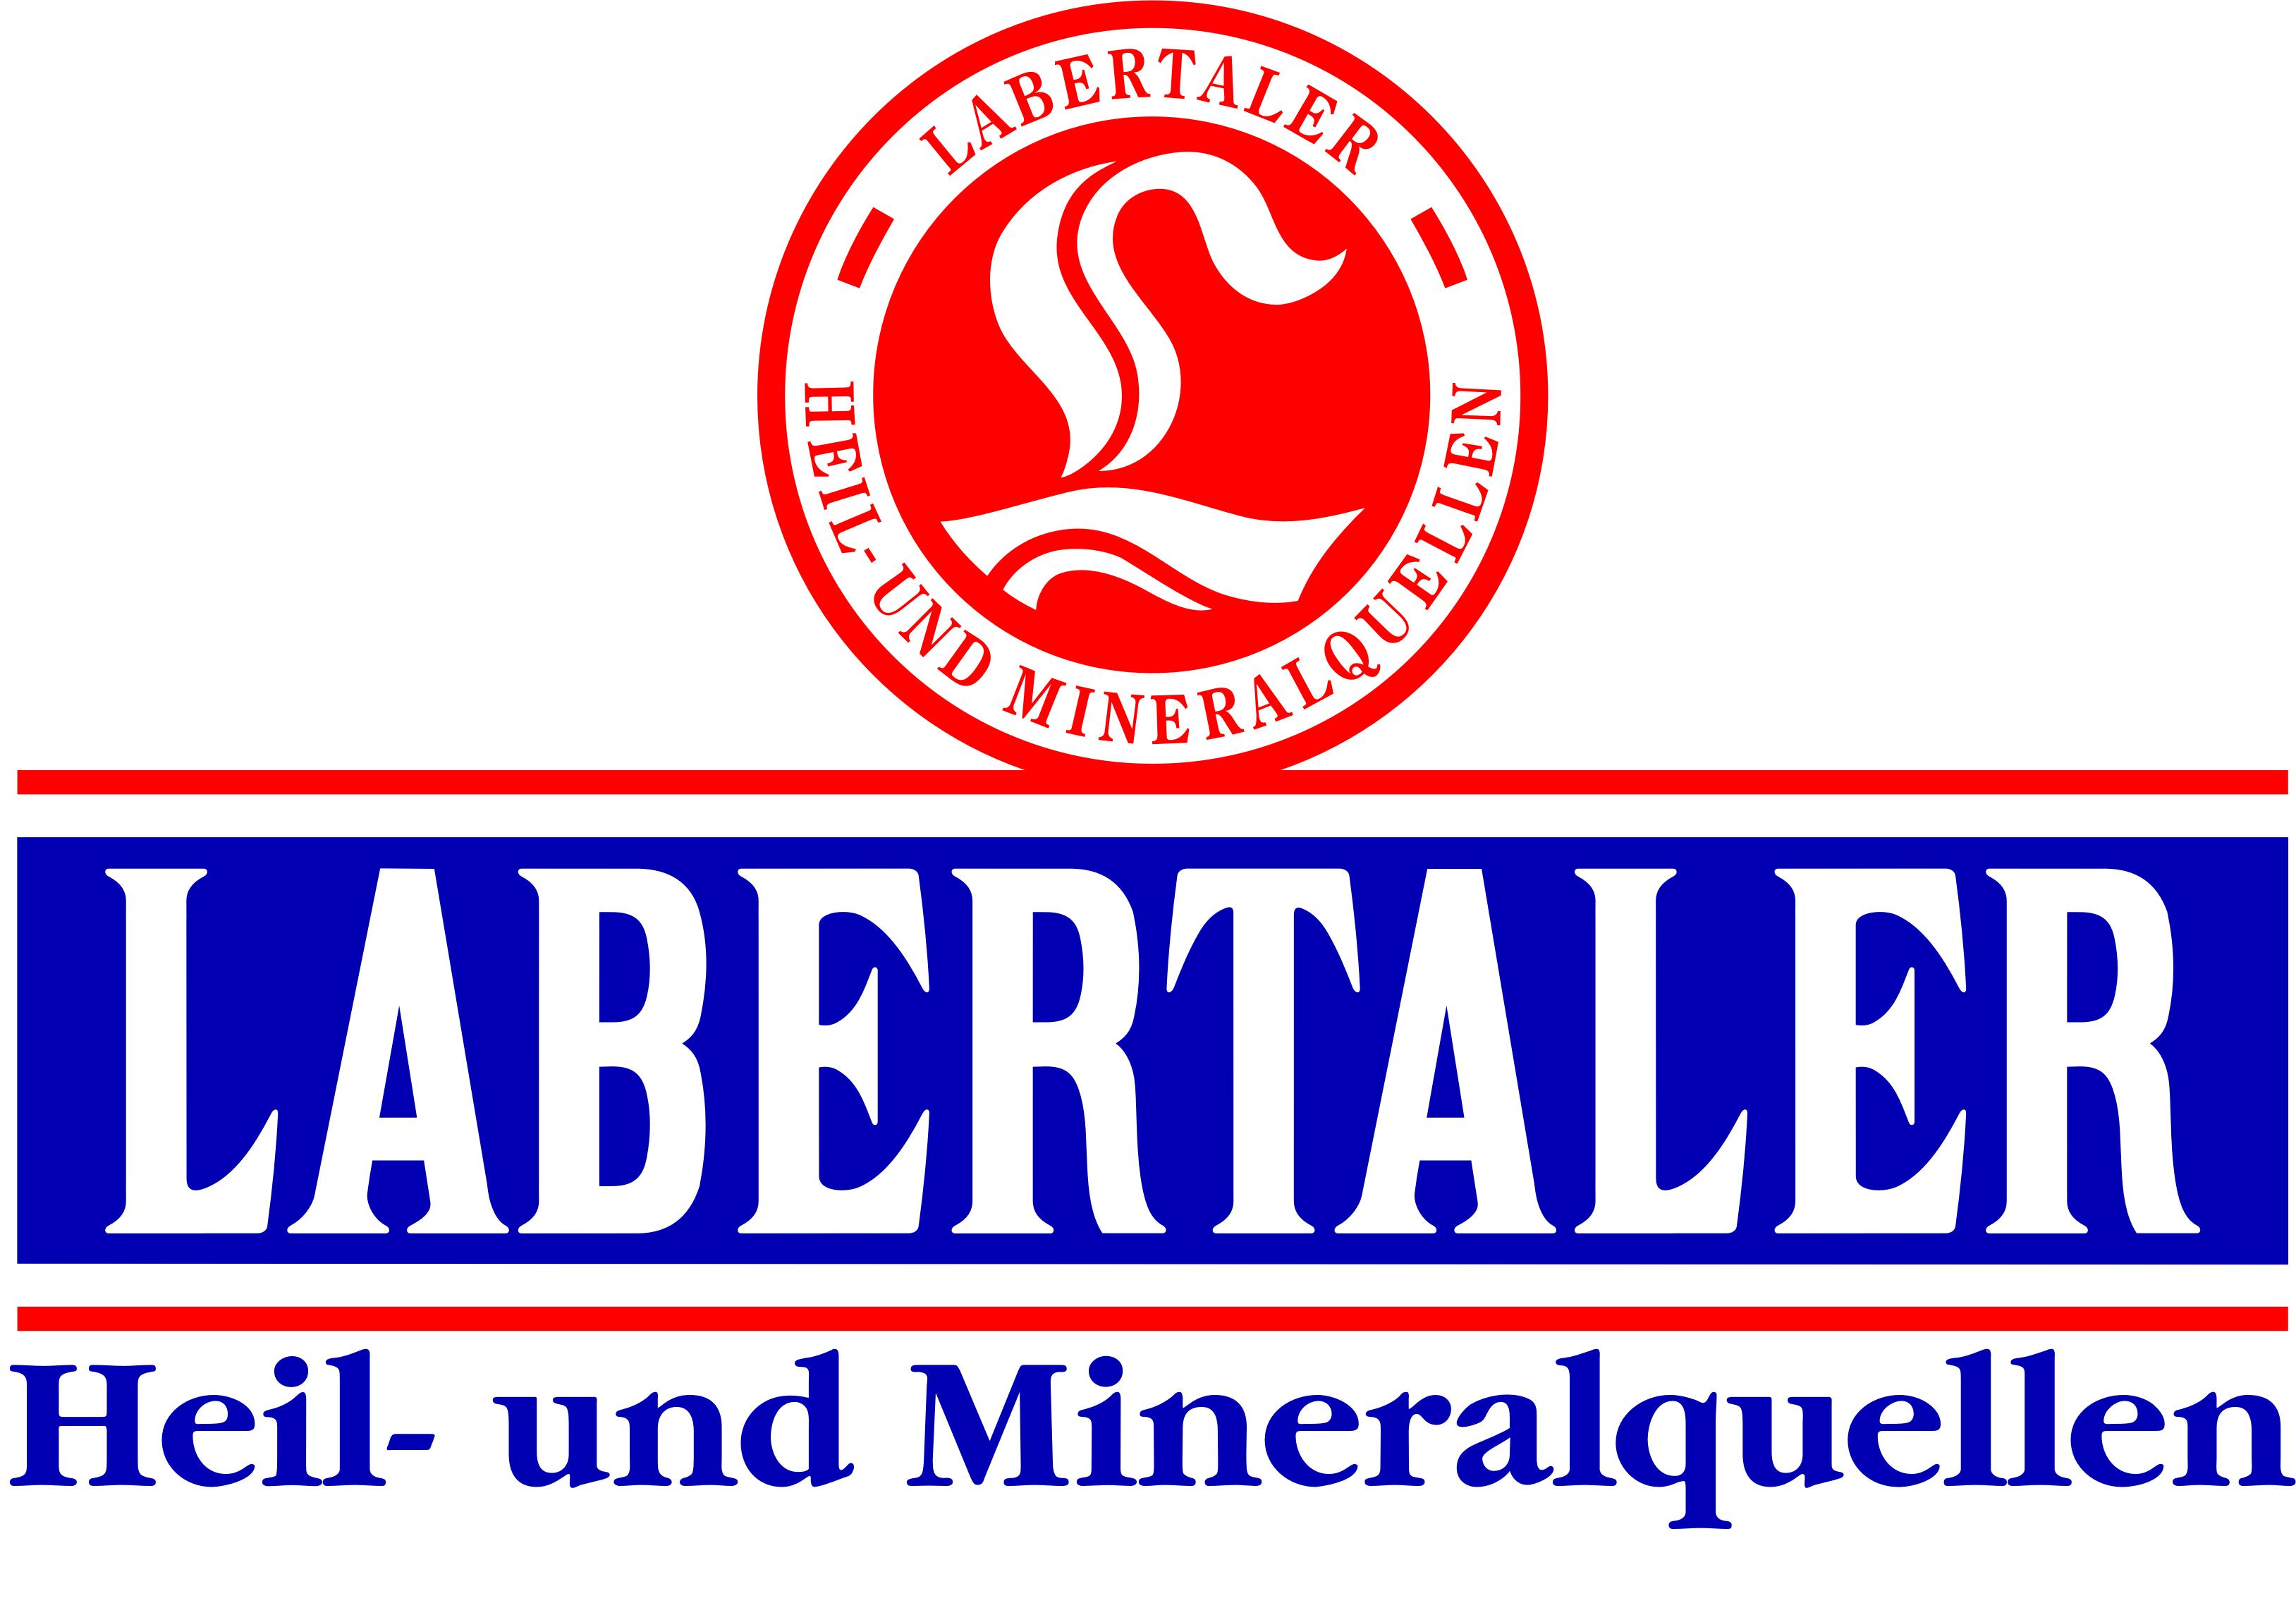 Labertaler Heil- und Mineralquellen – Wikipedia